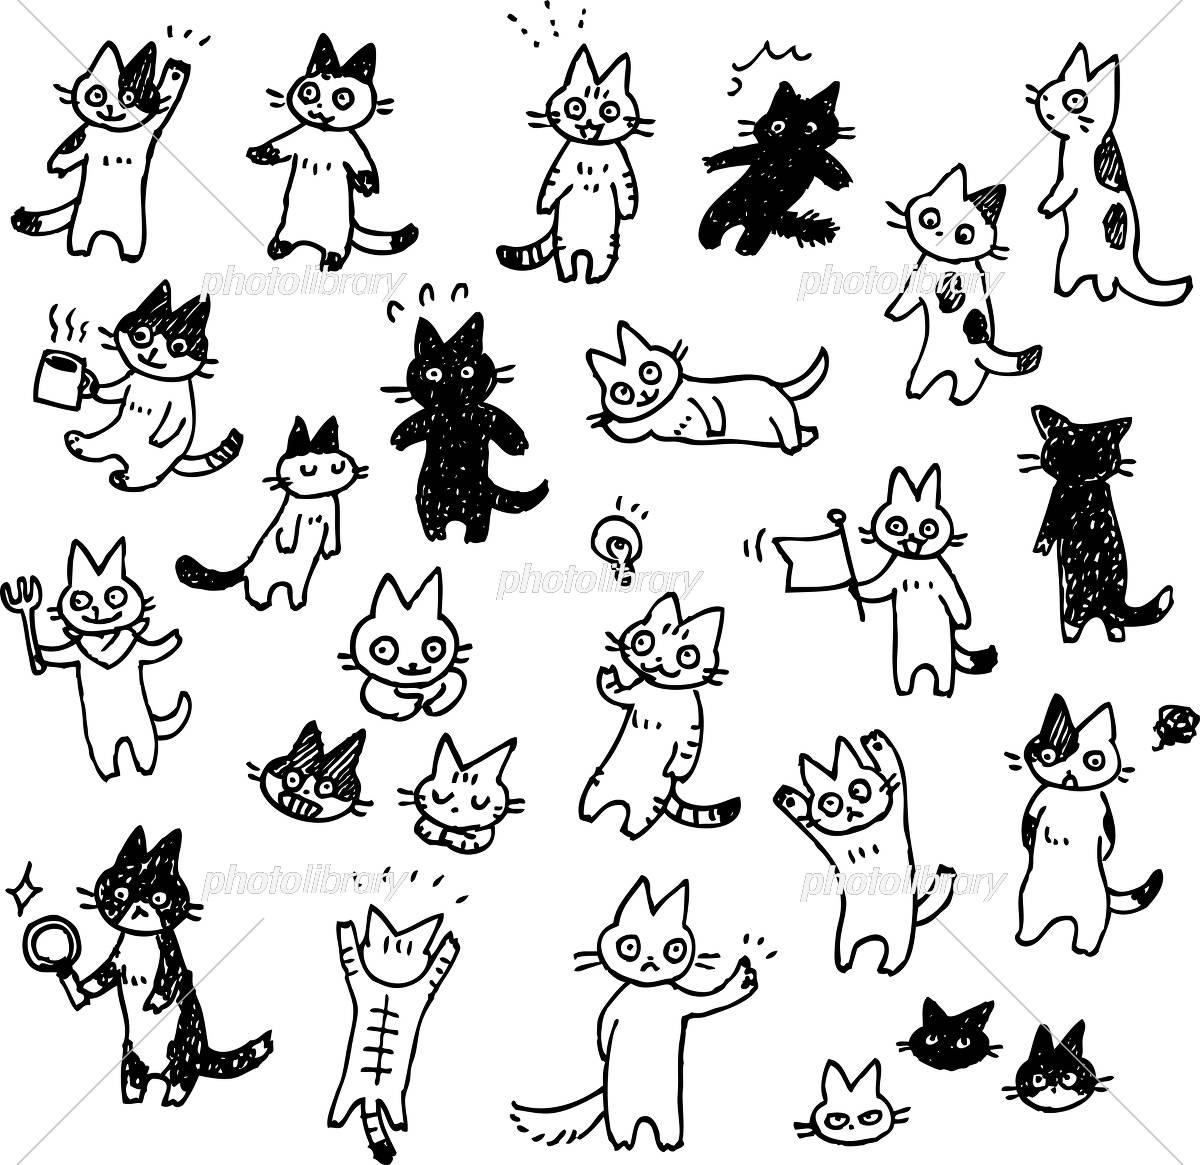 猫の手書きイラストセット モノクロ イラスト素材 [ 5544888 ] - フォト